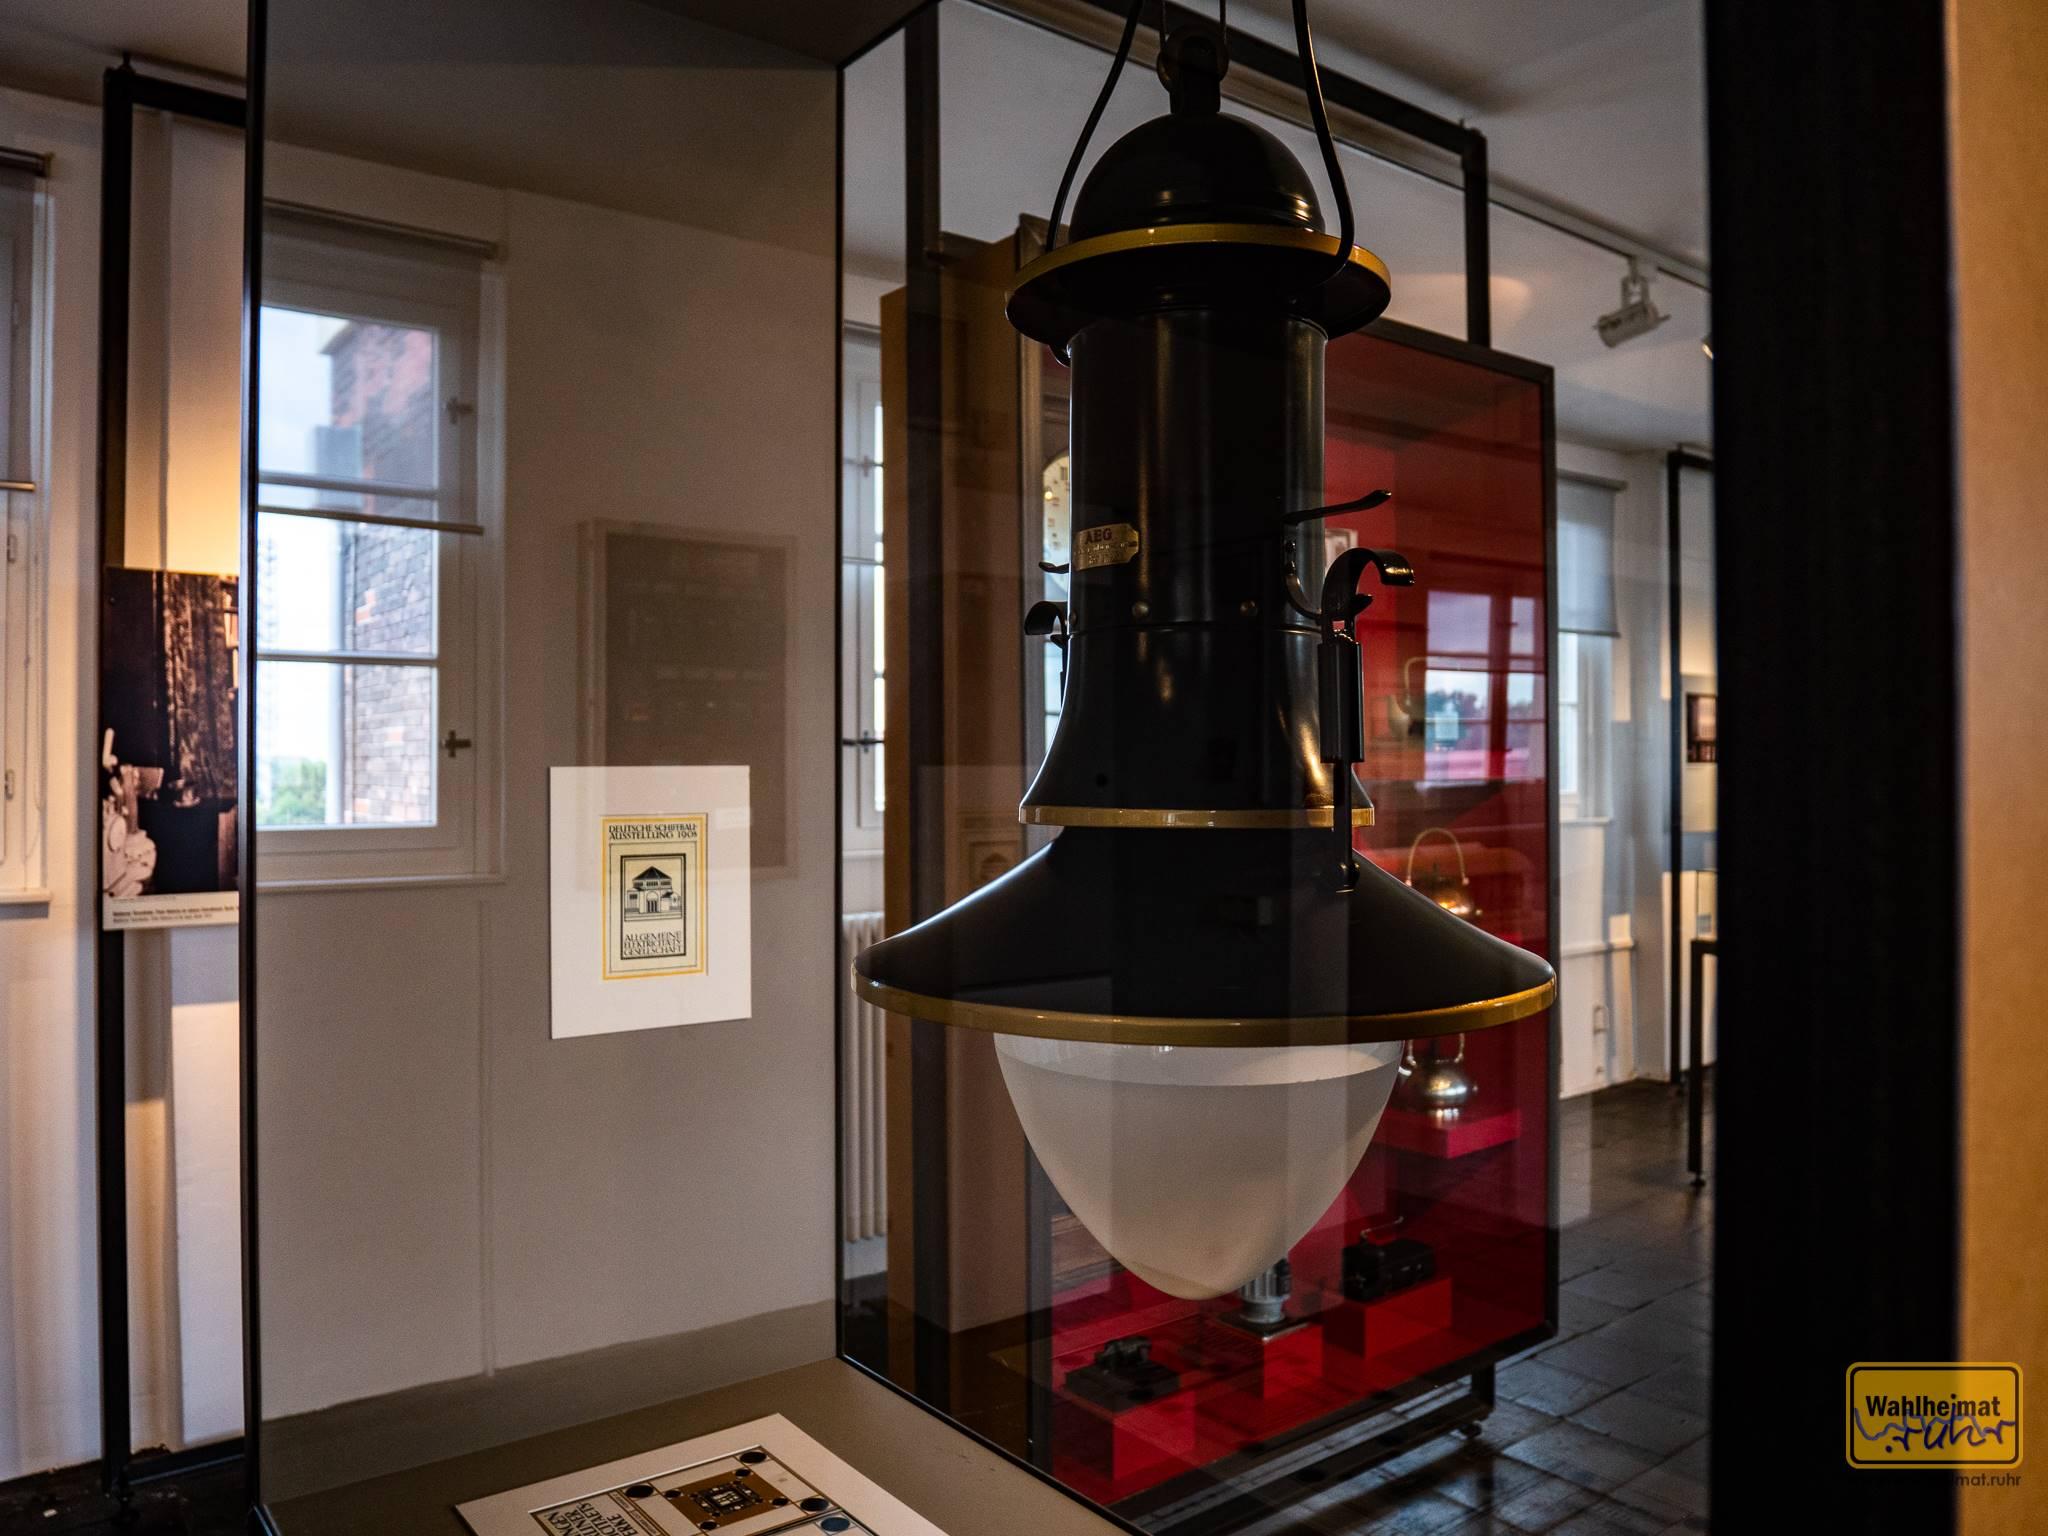 Peter Behrens' berühmte Bogenlampe in der Dauerausstellung im Peter-Behrens-Bau Oberhausen. Behrens arbeitete nicht nur als Architekt, sondern auch Designer - für die AEG sprangen dabei eine Menge markanter Produkte heraus.